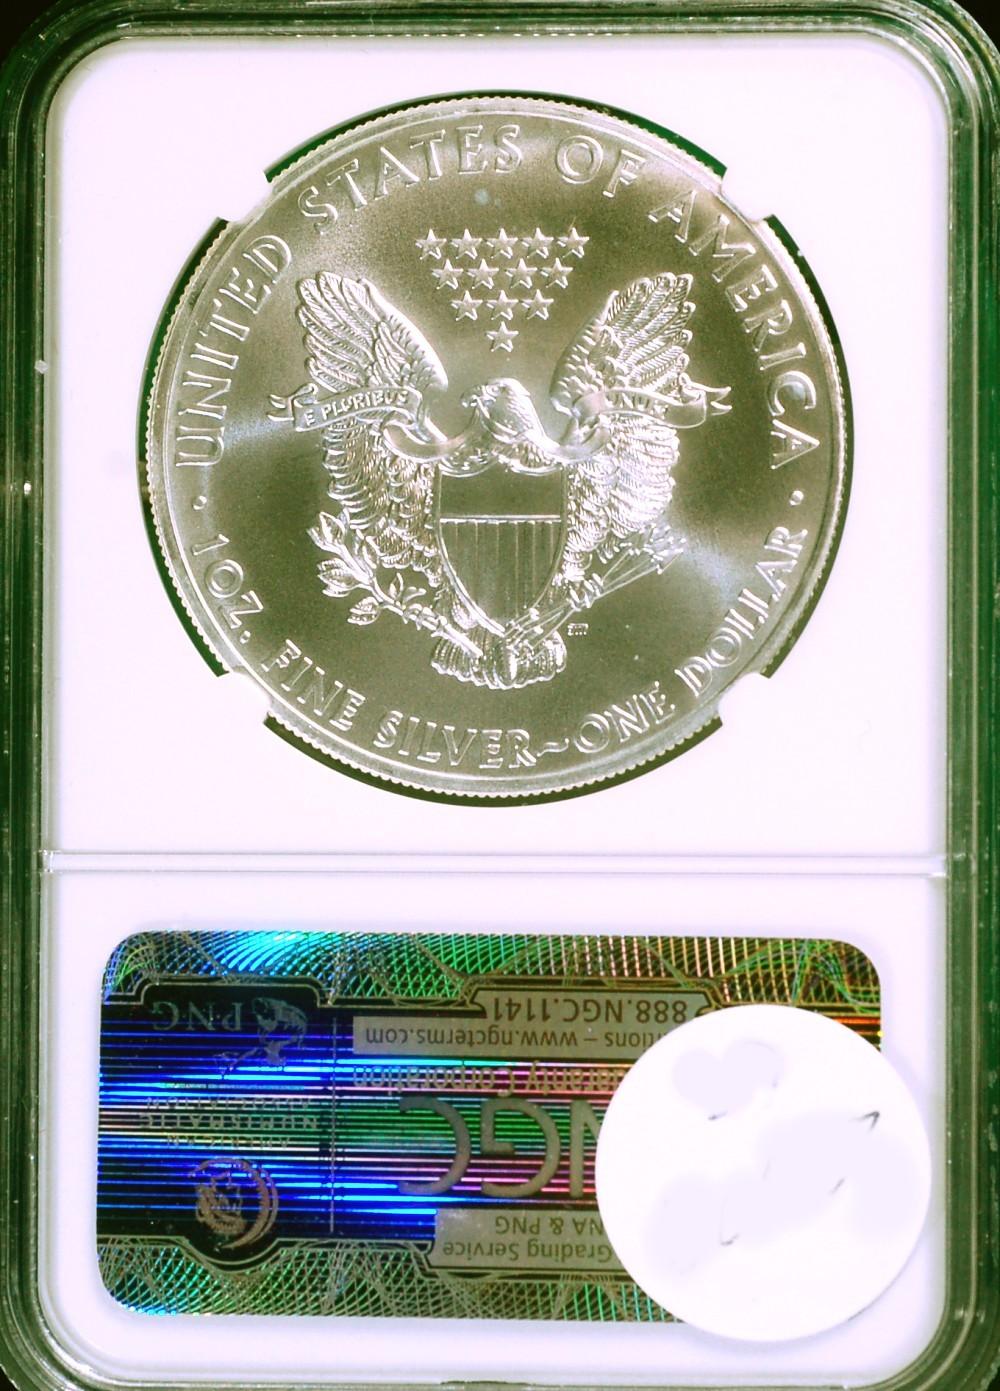 2011 W Silver Eagle PCGS Blue Label F. S. 25th Anniversary MS-70 for sale.